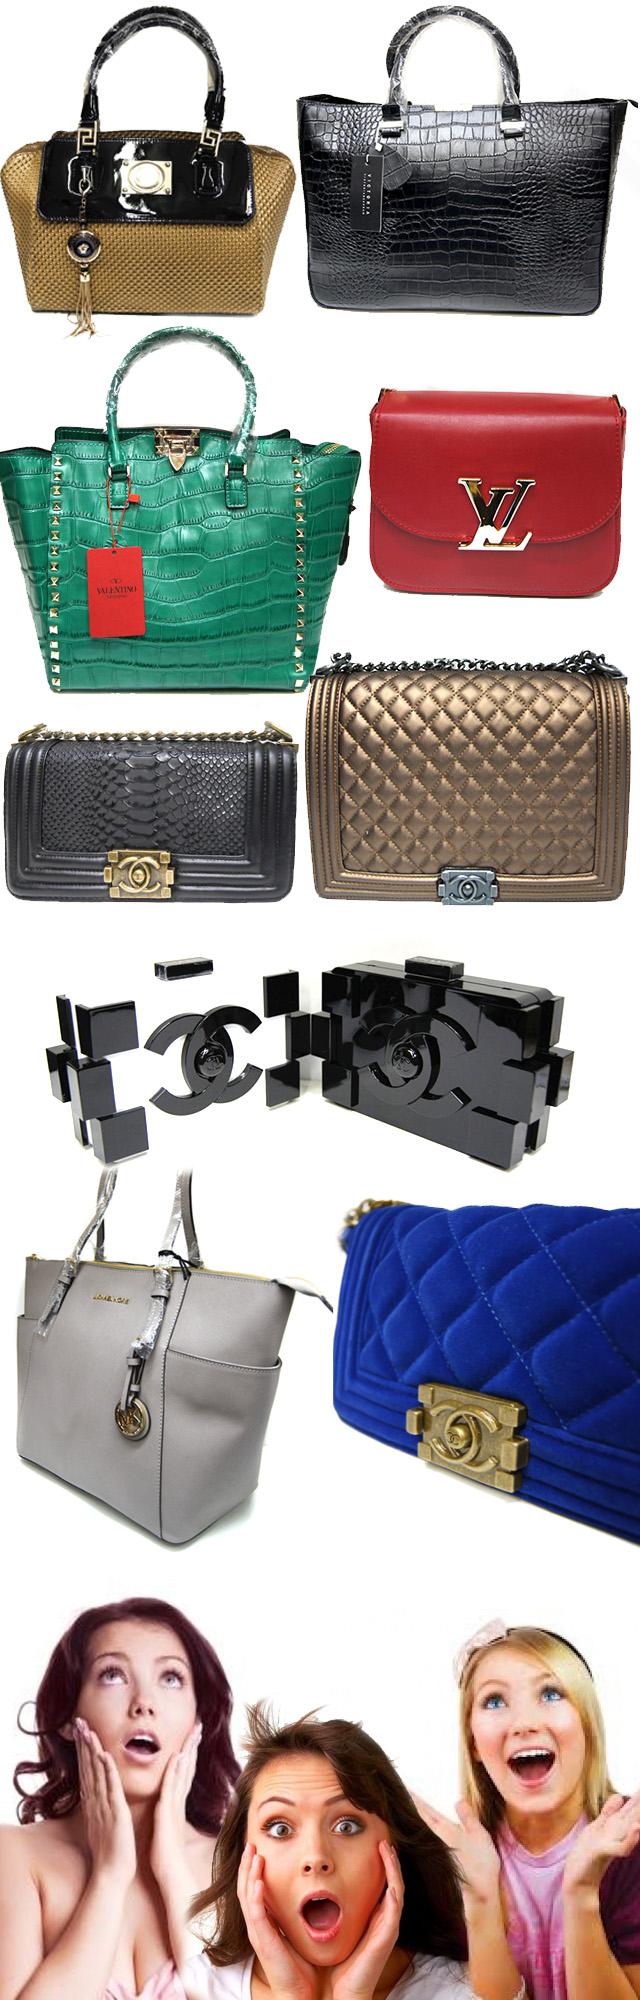 Новая коллекция сумок и клатчей